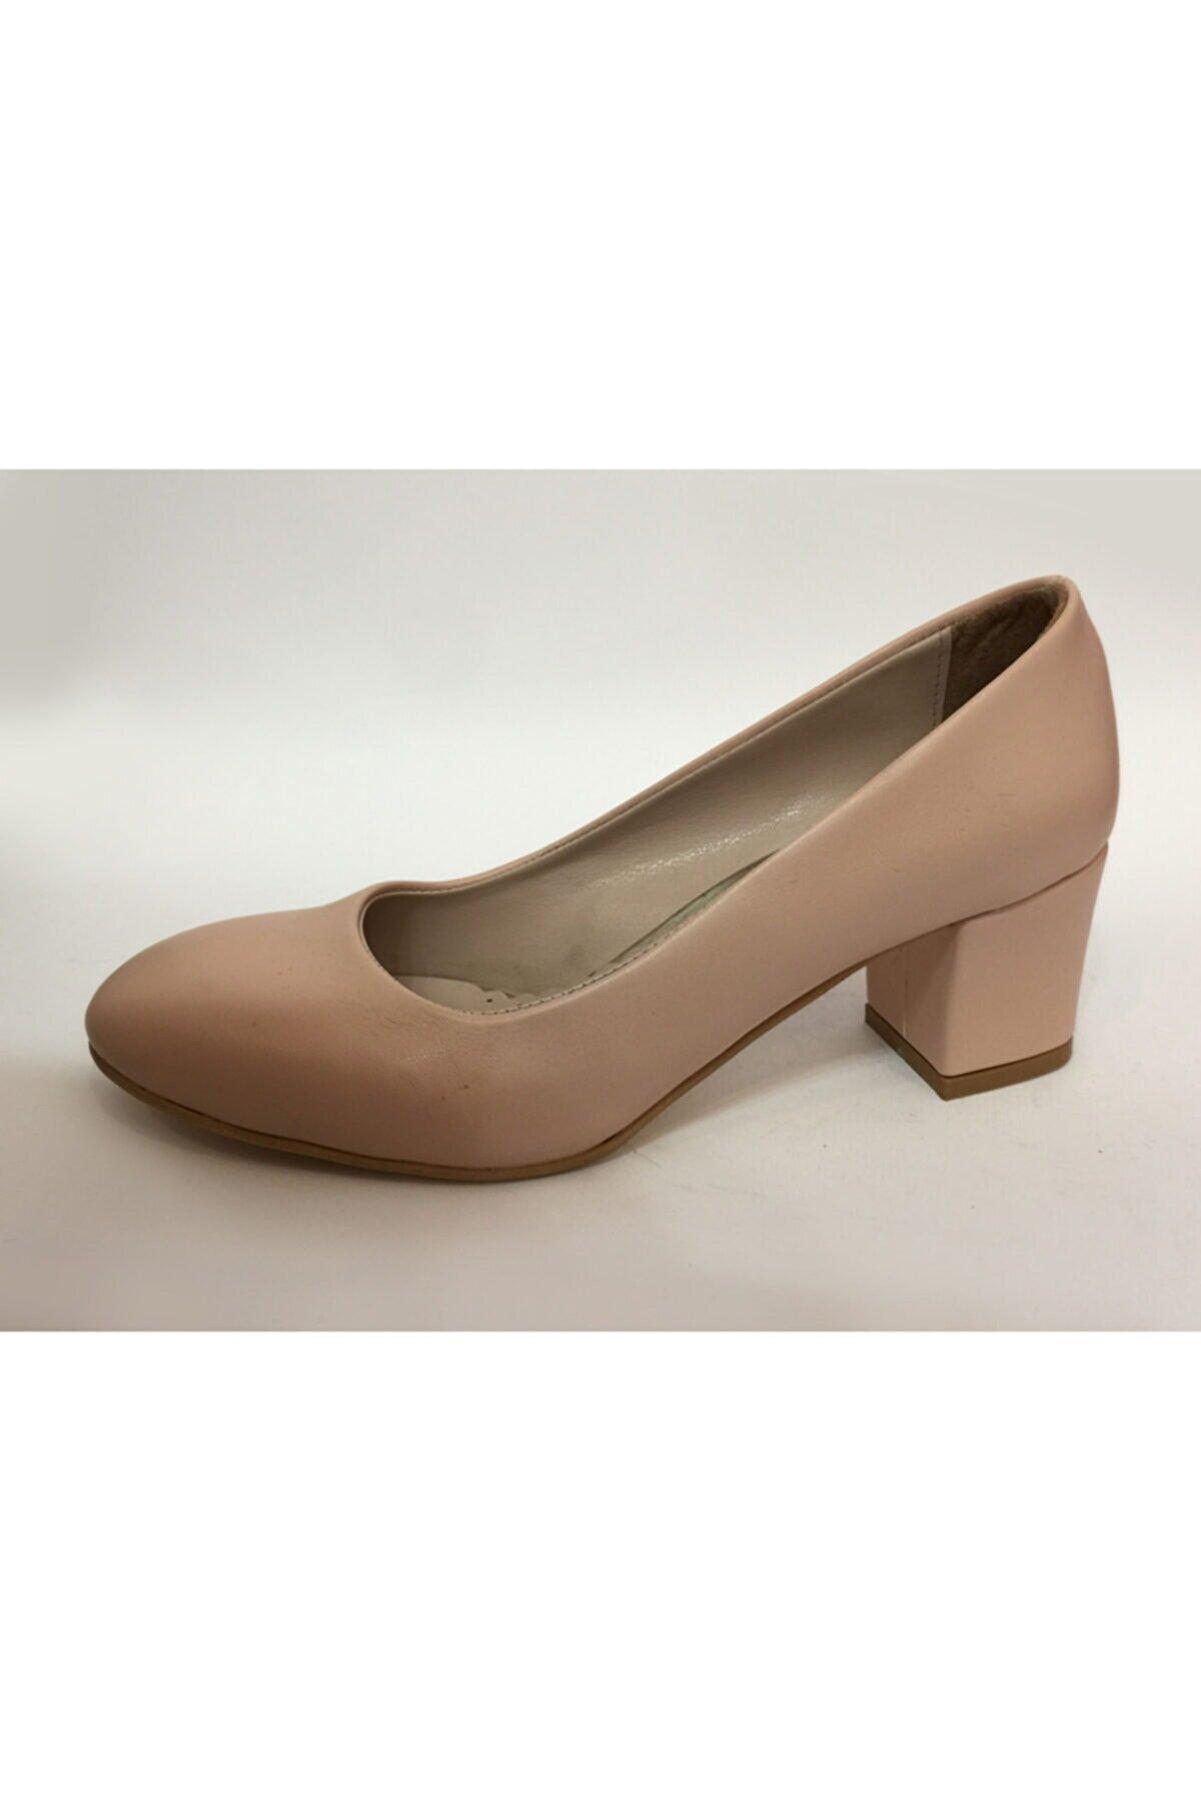 Beyaz Adım Ayakkabı Kadın Orta Boy Kalın Topuk Yuvarlak Burun Ayakkabı